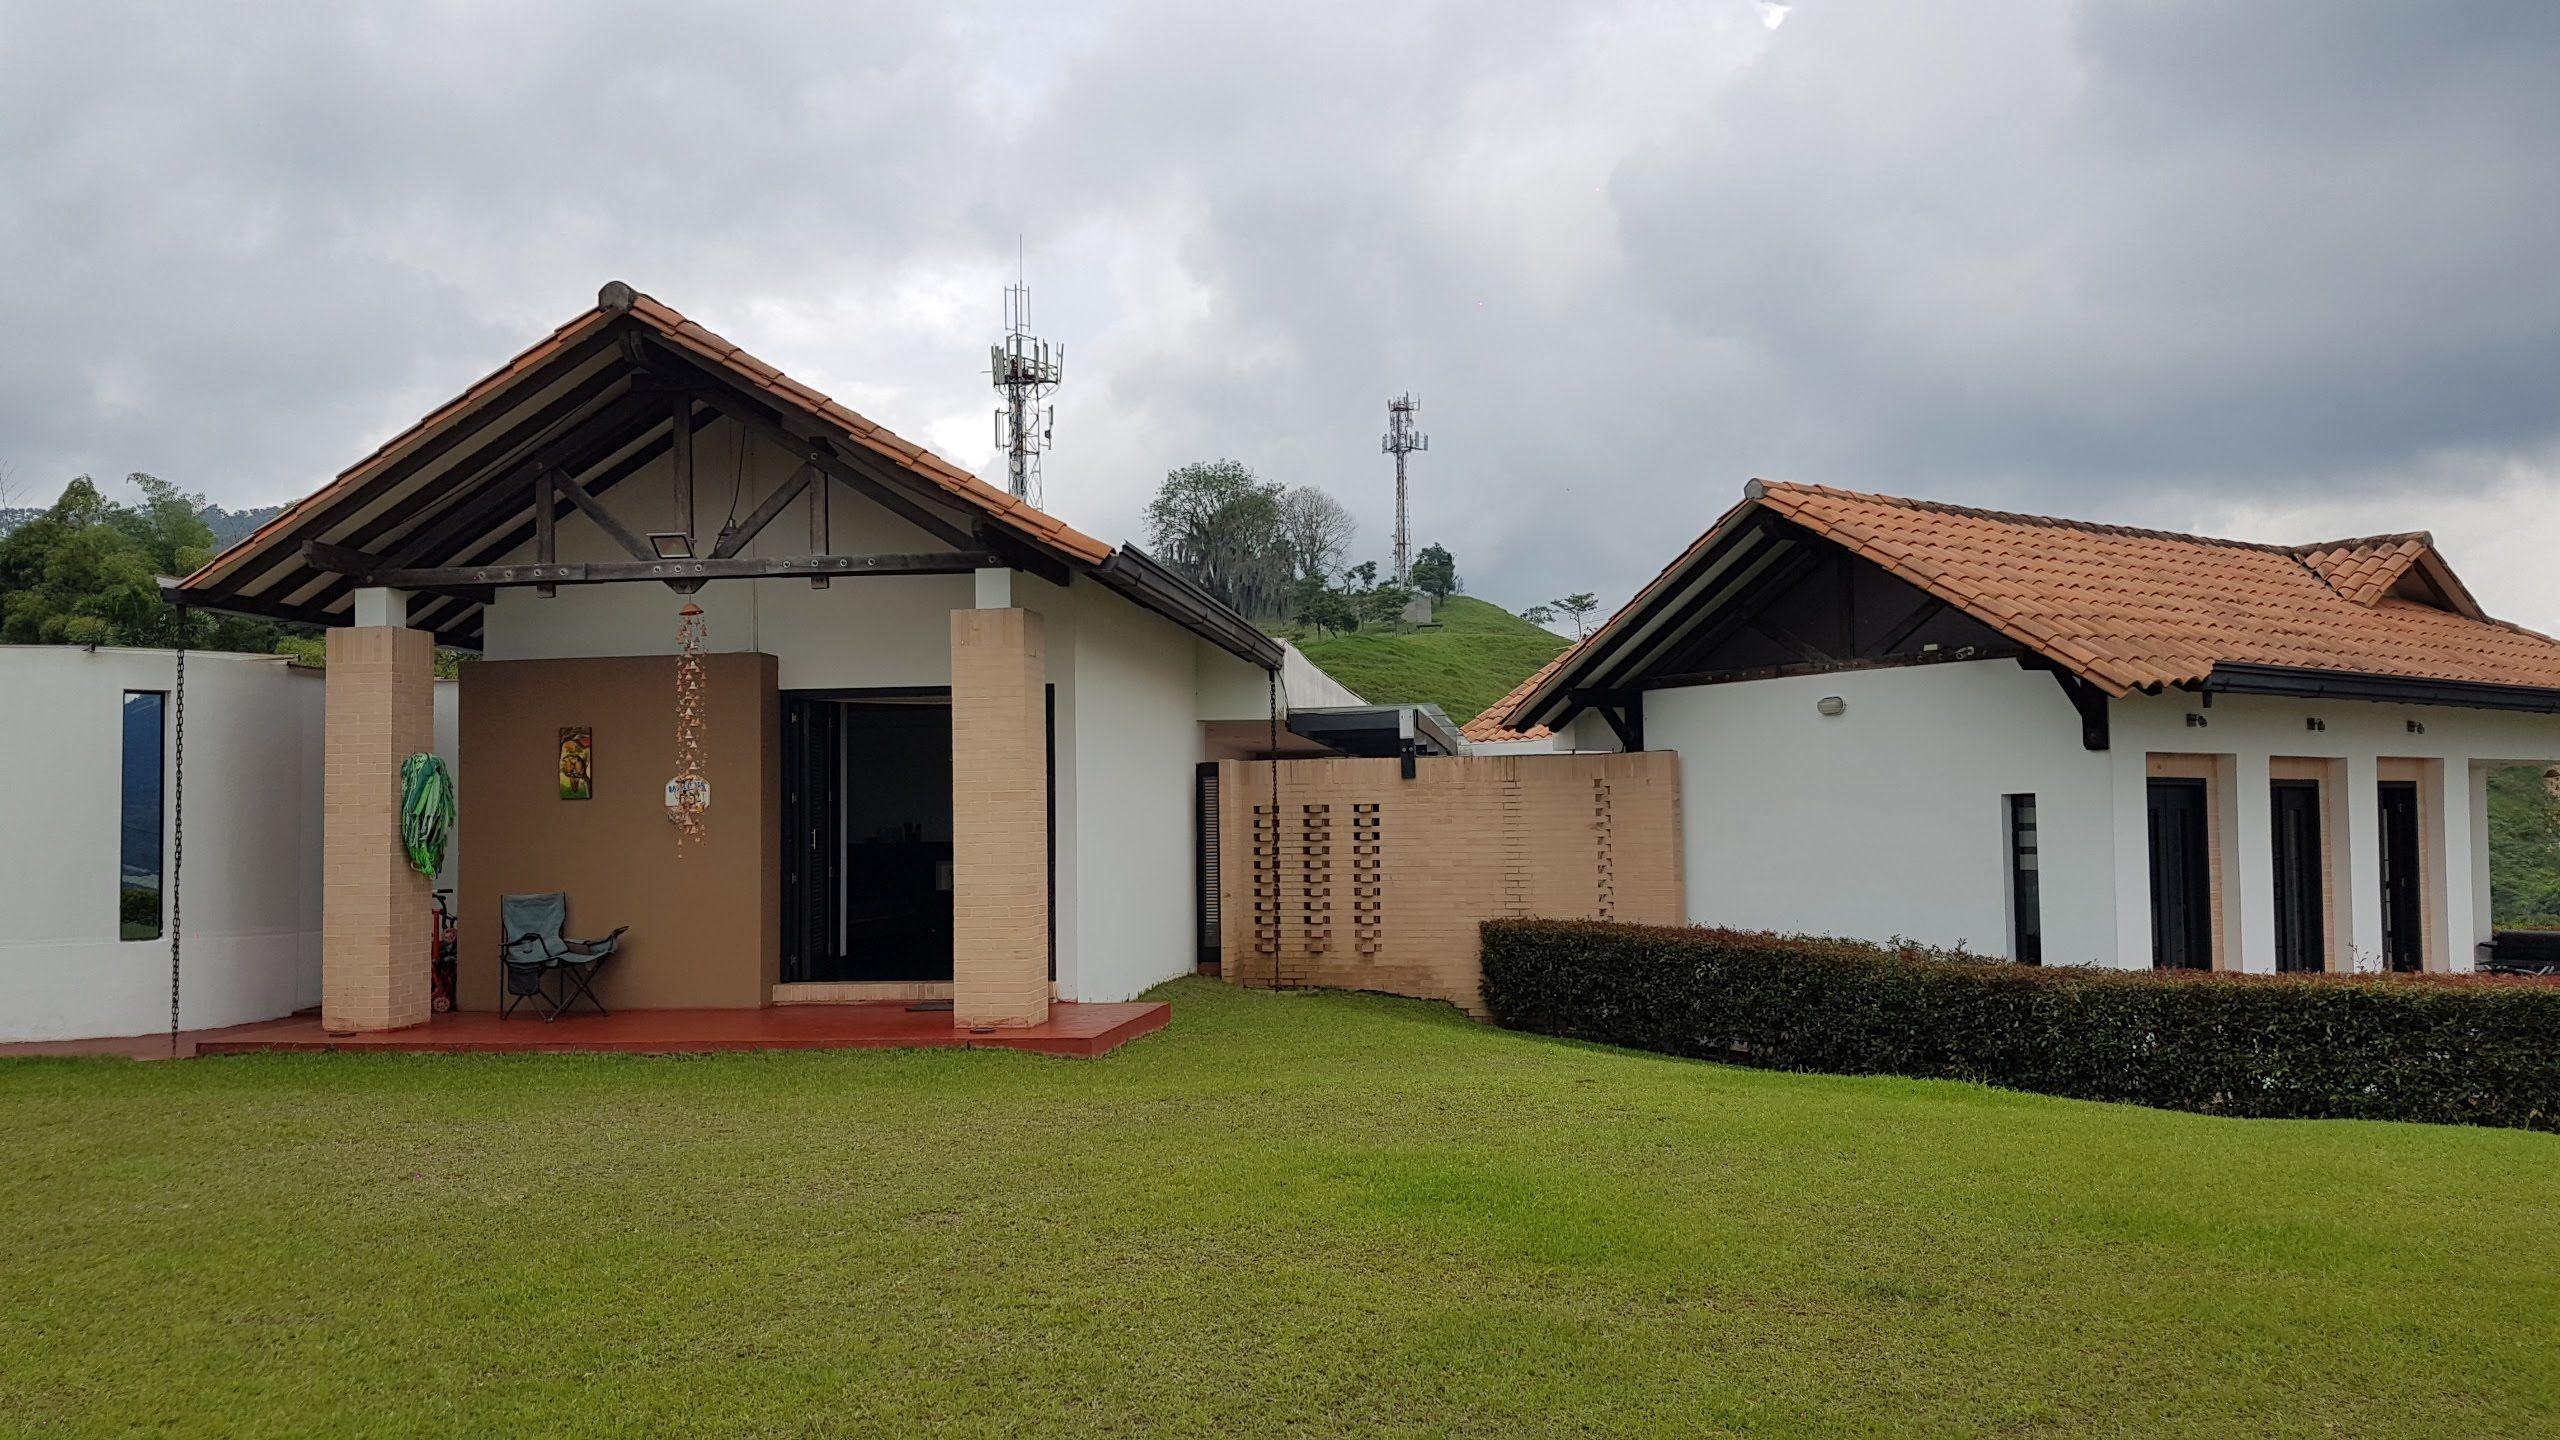 ESPECTACULAR Casa Campestren en SANTA ROSA DE CABAL